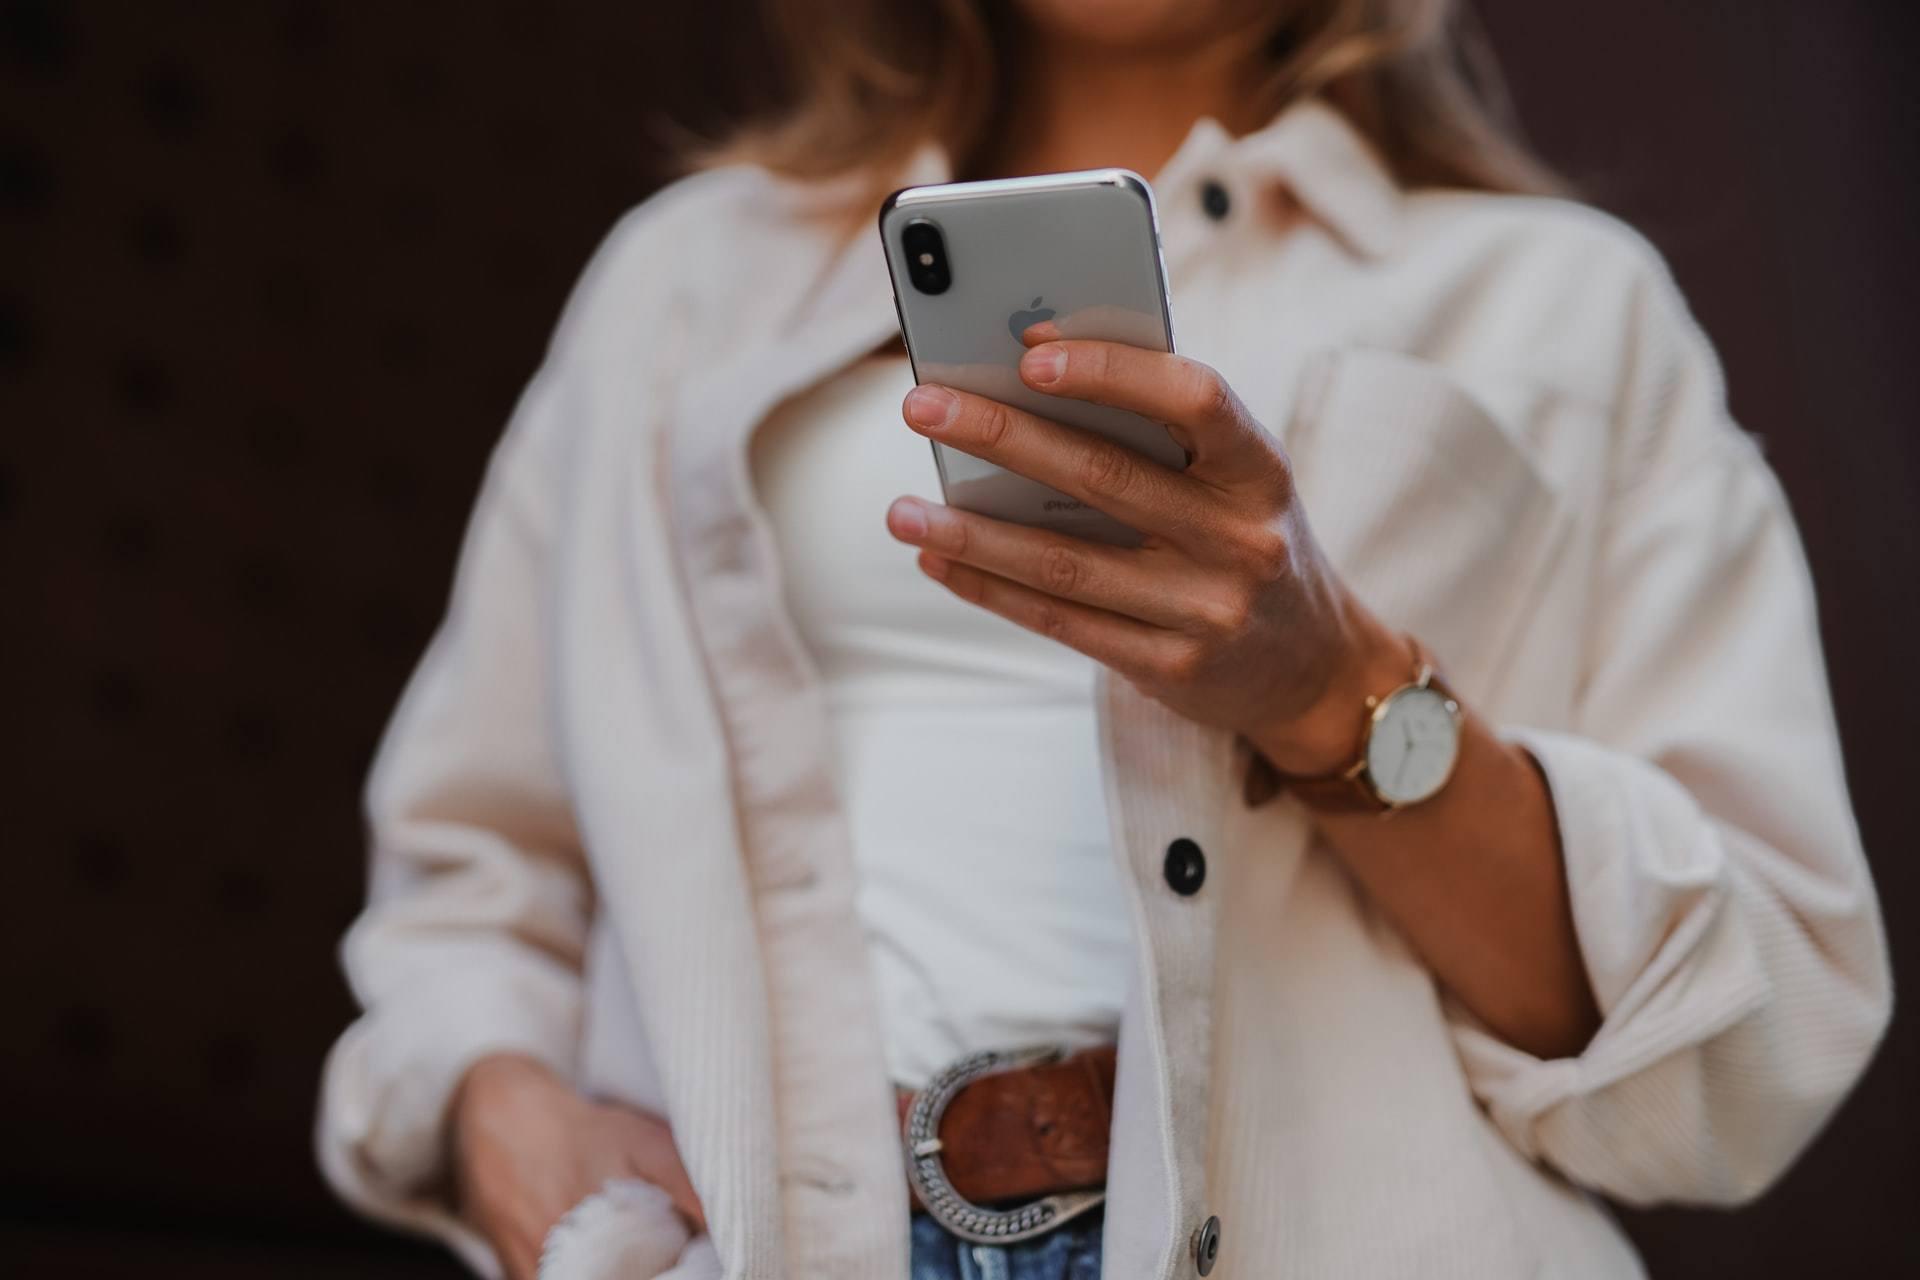 come controllare il telefono del marito